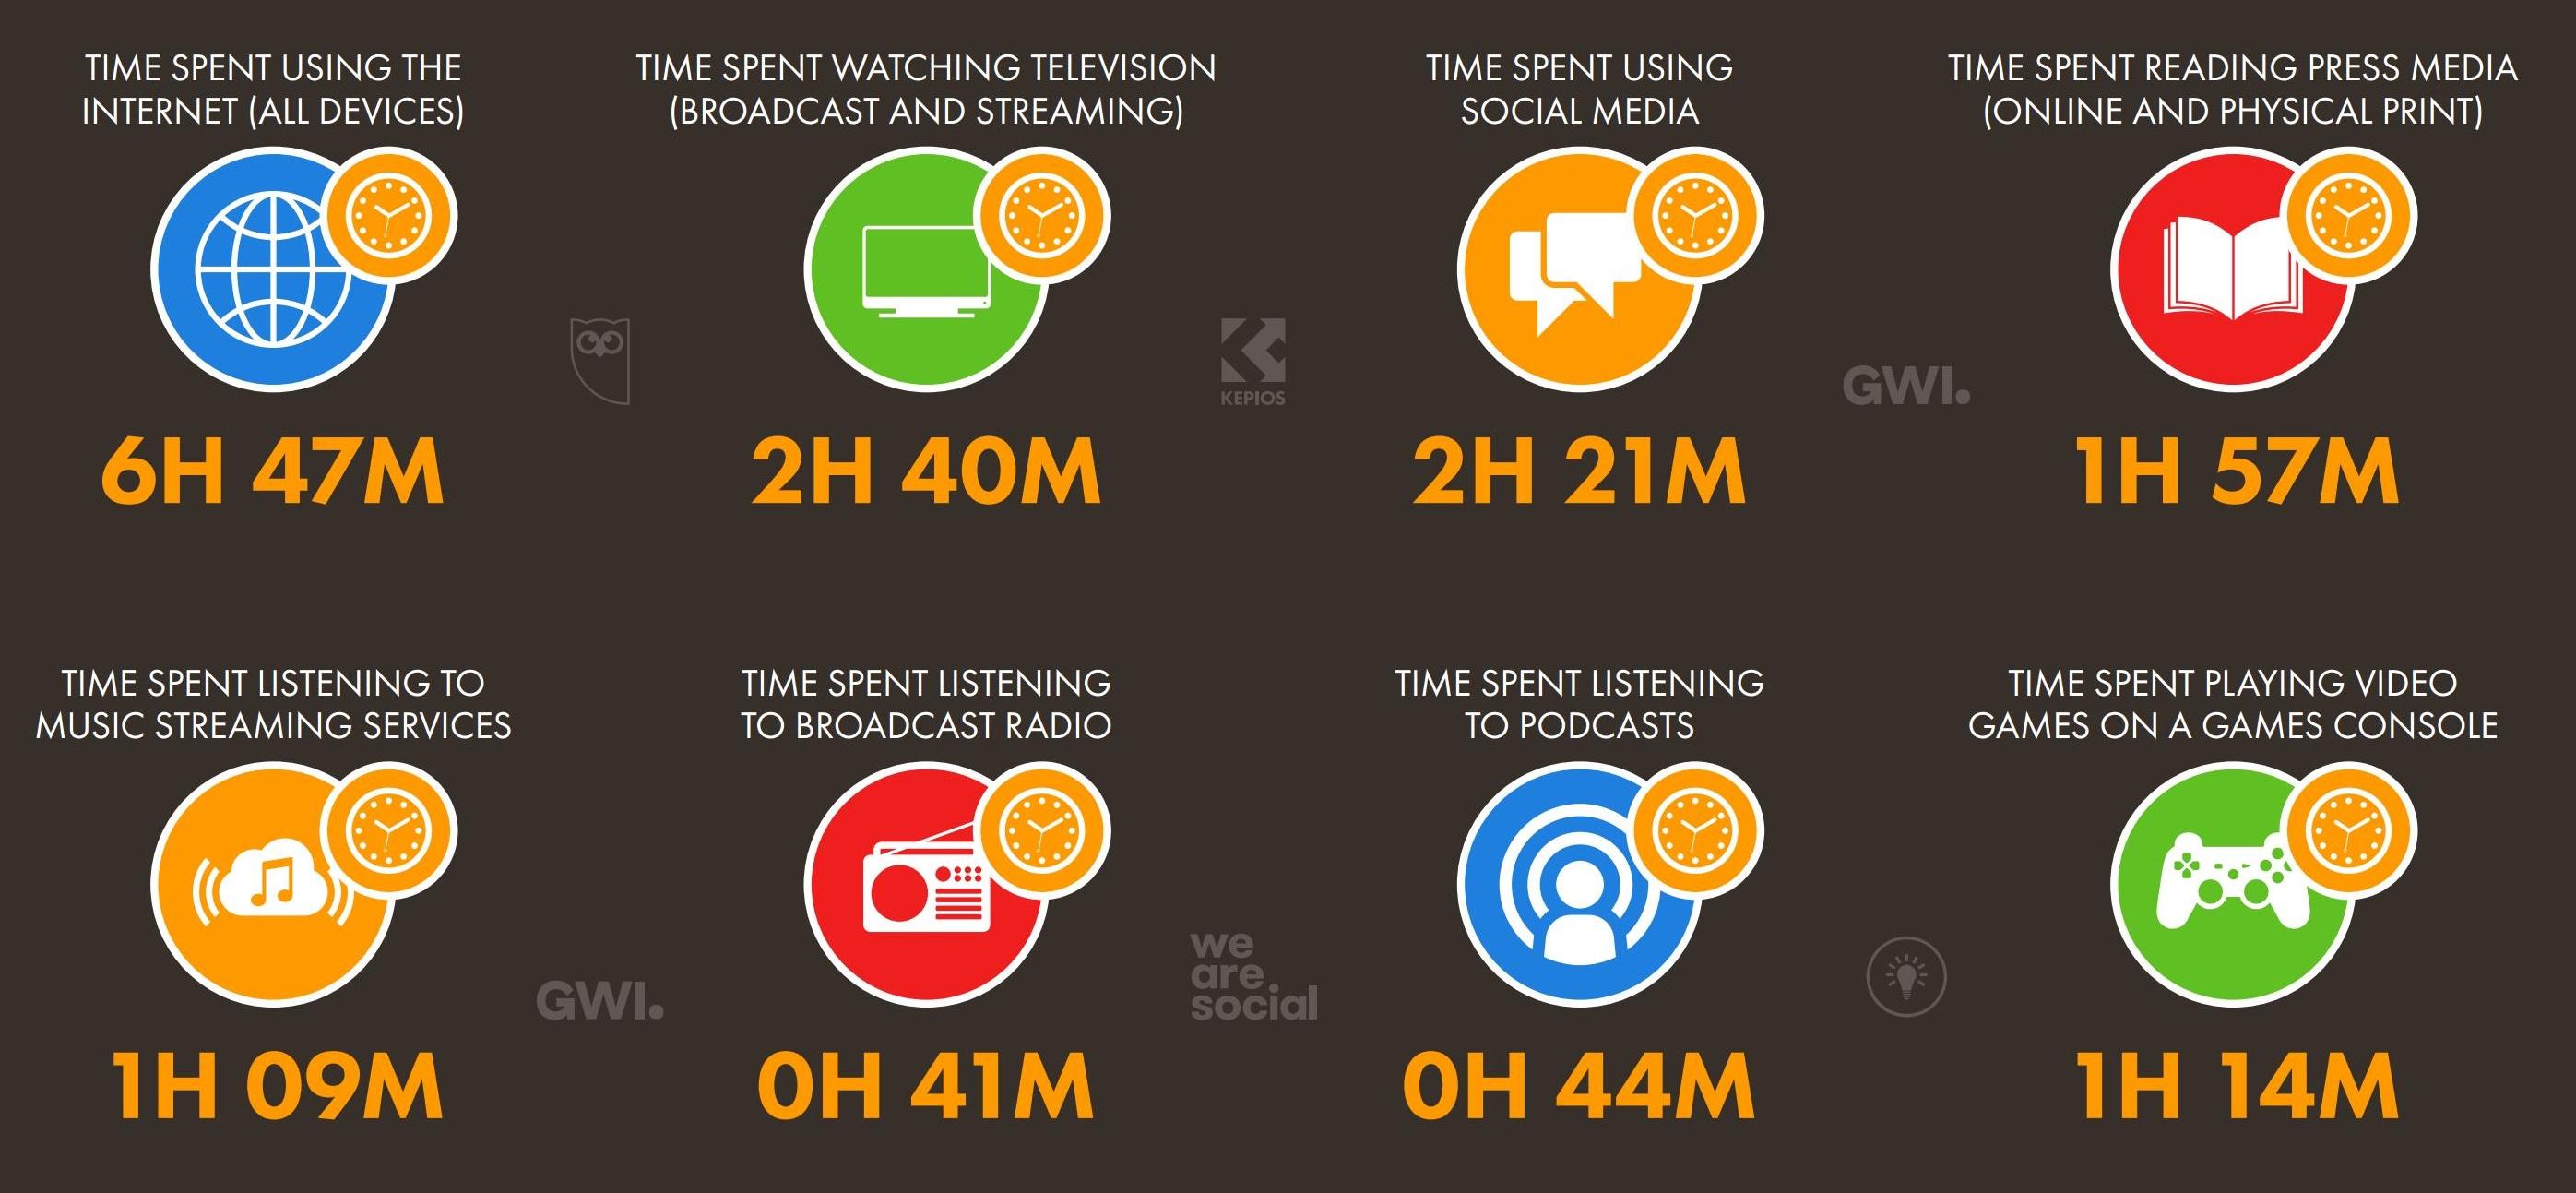 Thời gian sử dụng internet trên các thiết bị của người Việt Nam